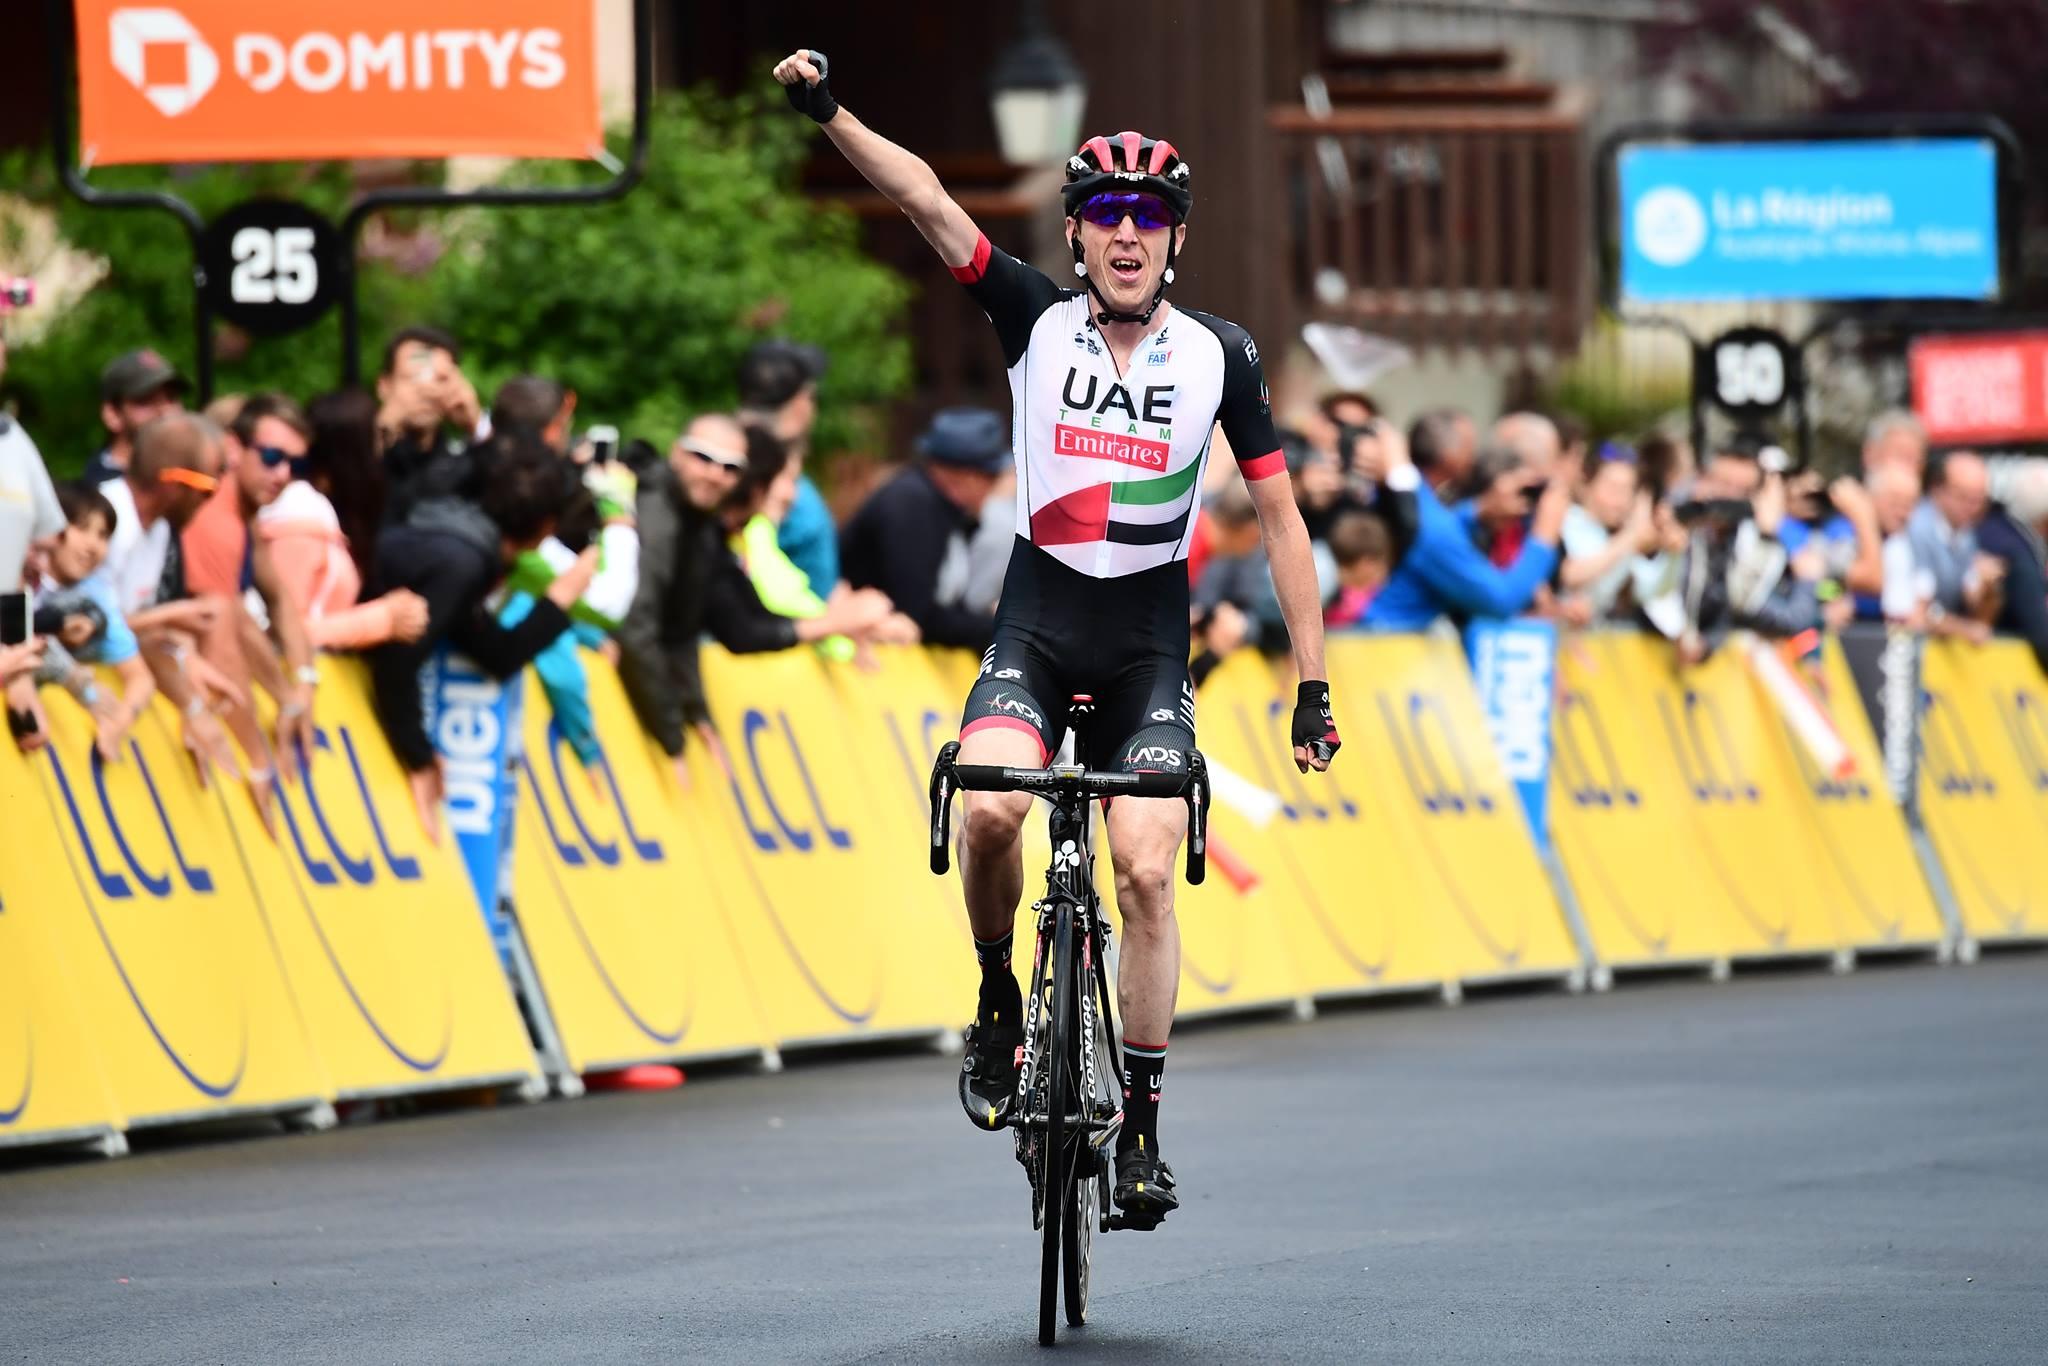 Daniel Martin vince la quinta tappa del Critérium du Dauphiné 2018